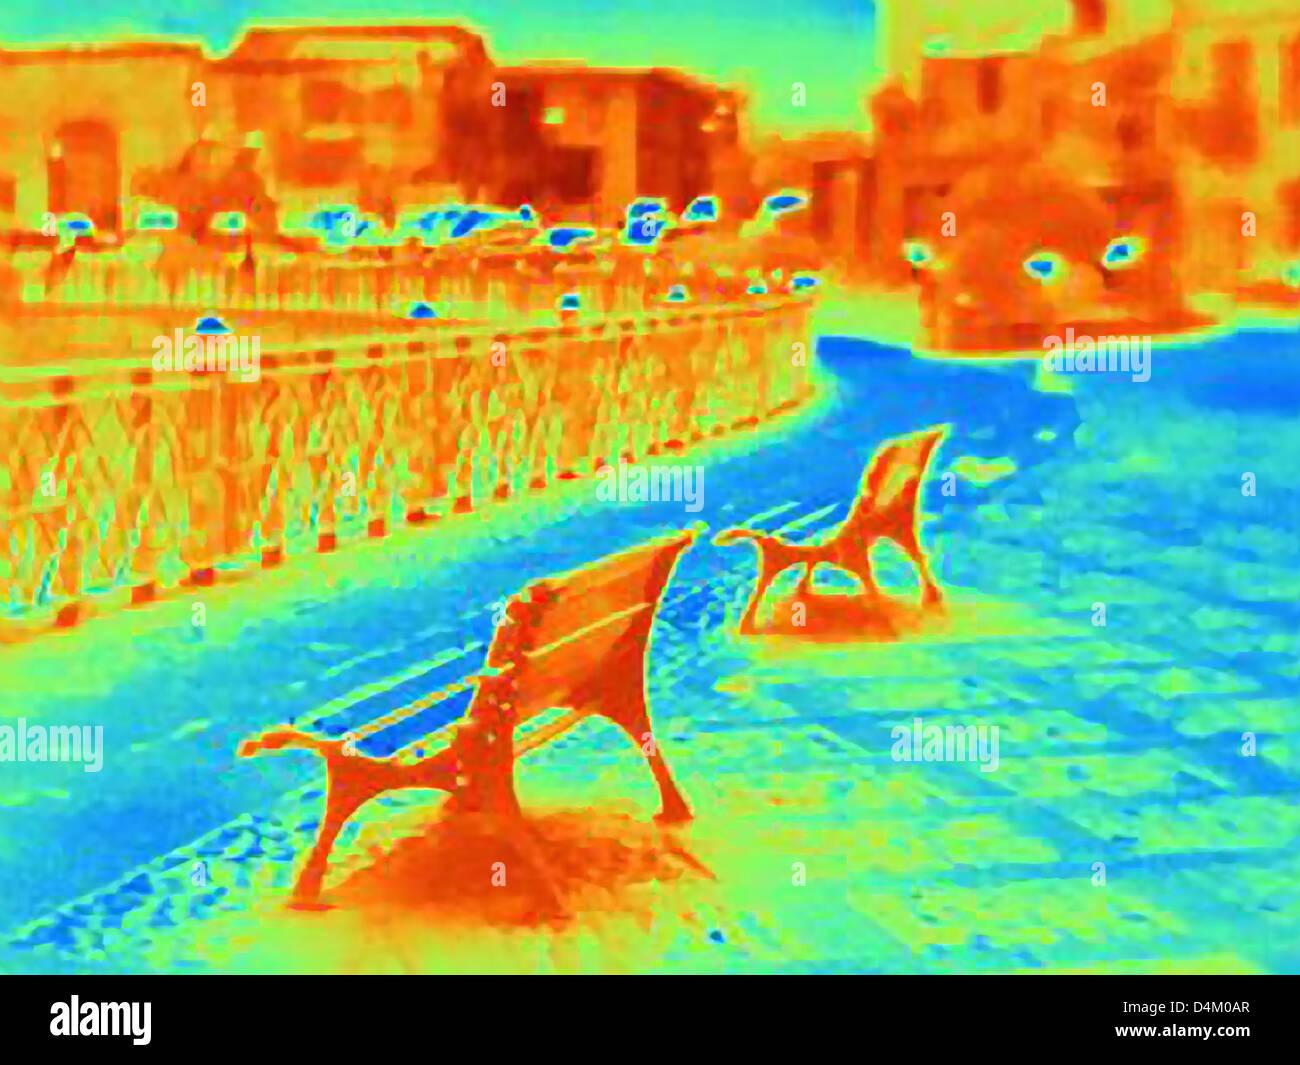 Image thermique de bancs on city street Photo Stock